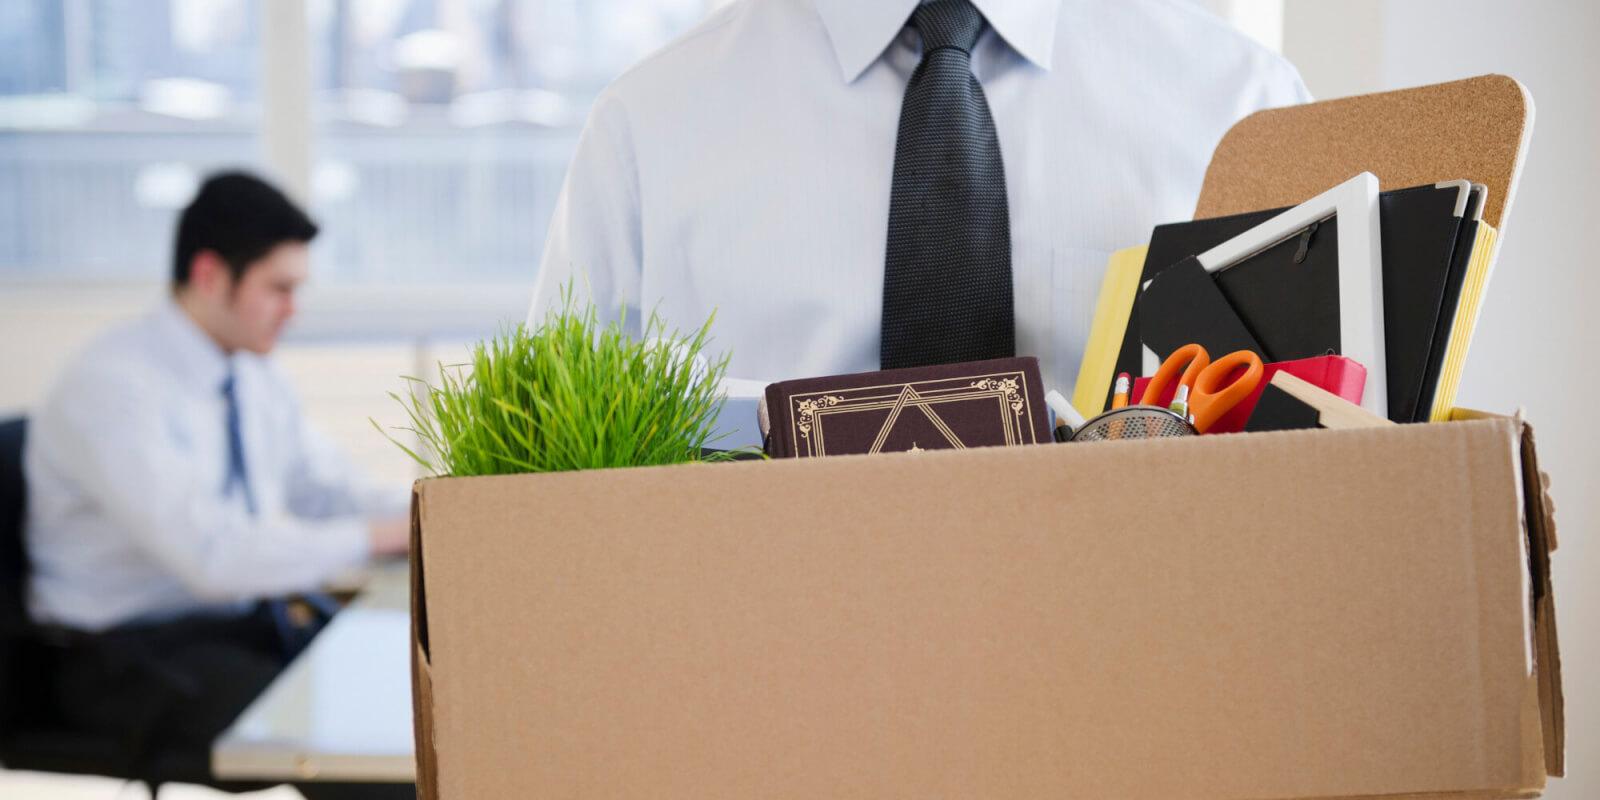 За сколько дней должны предупредить об увольнении и в каких случаях